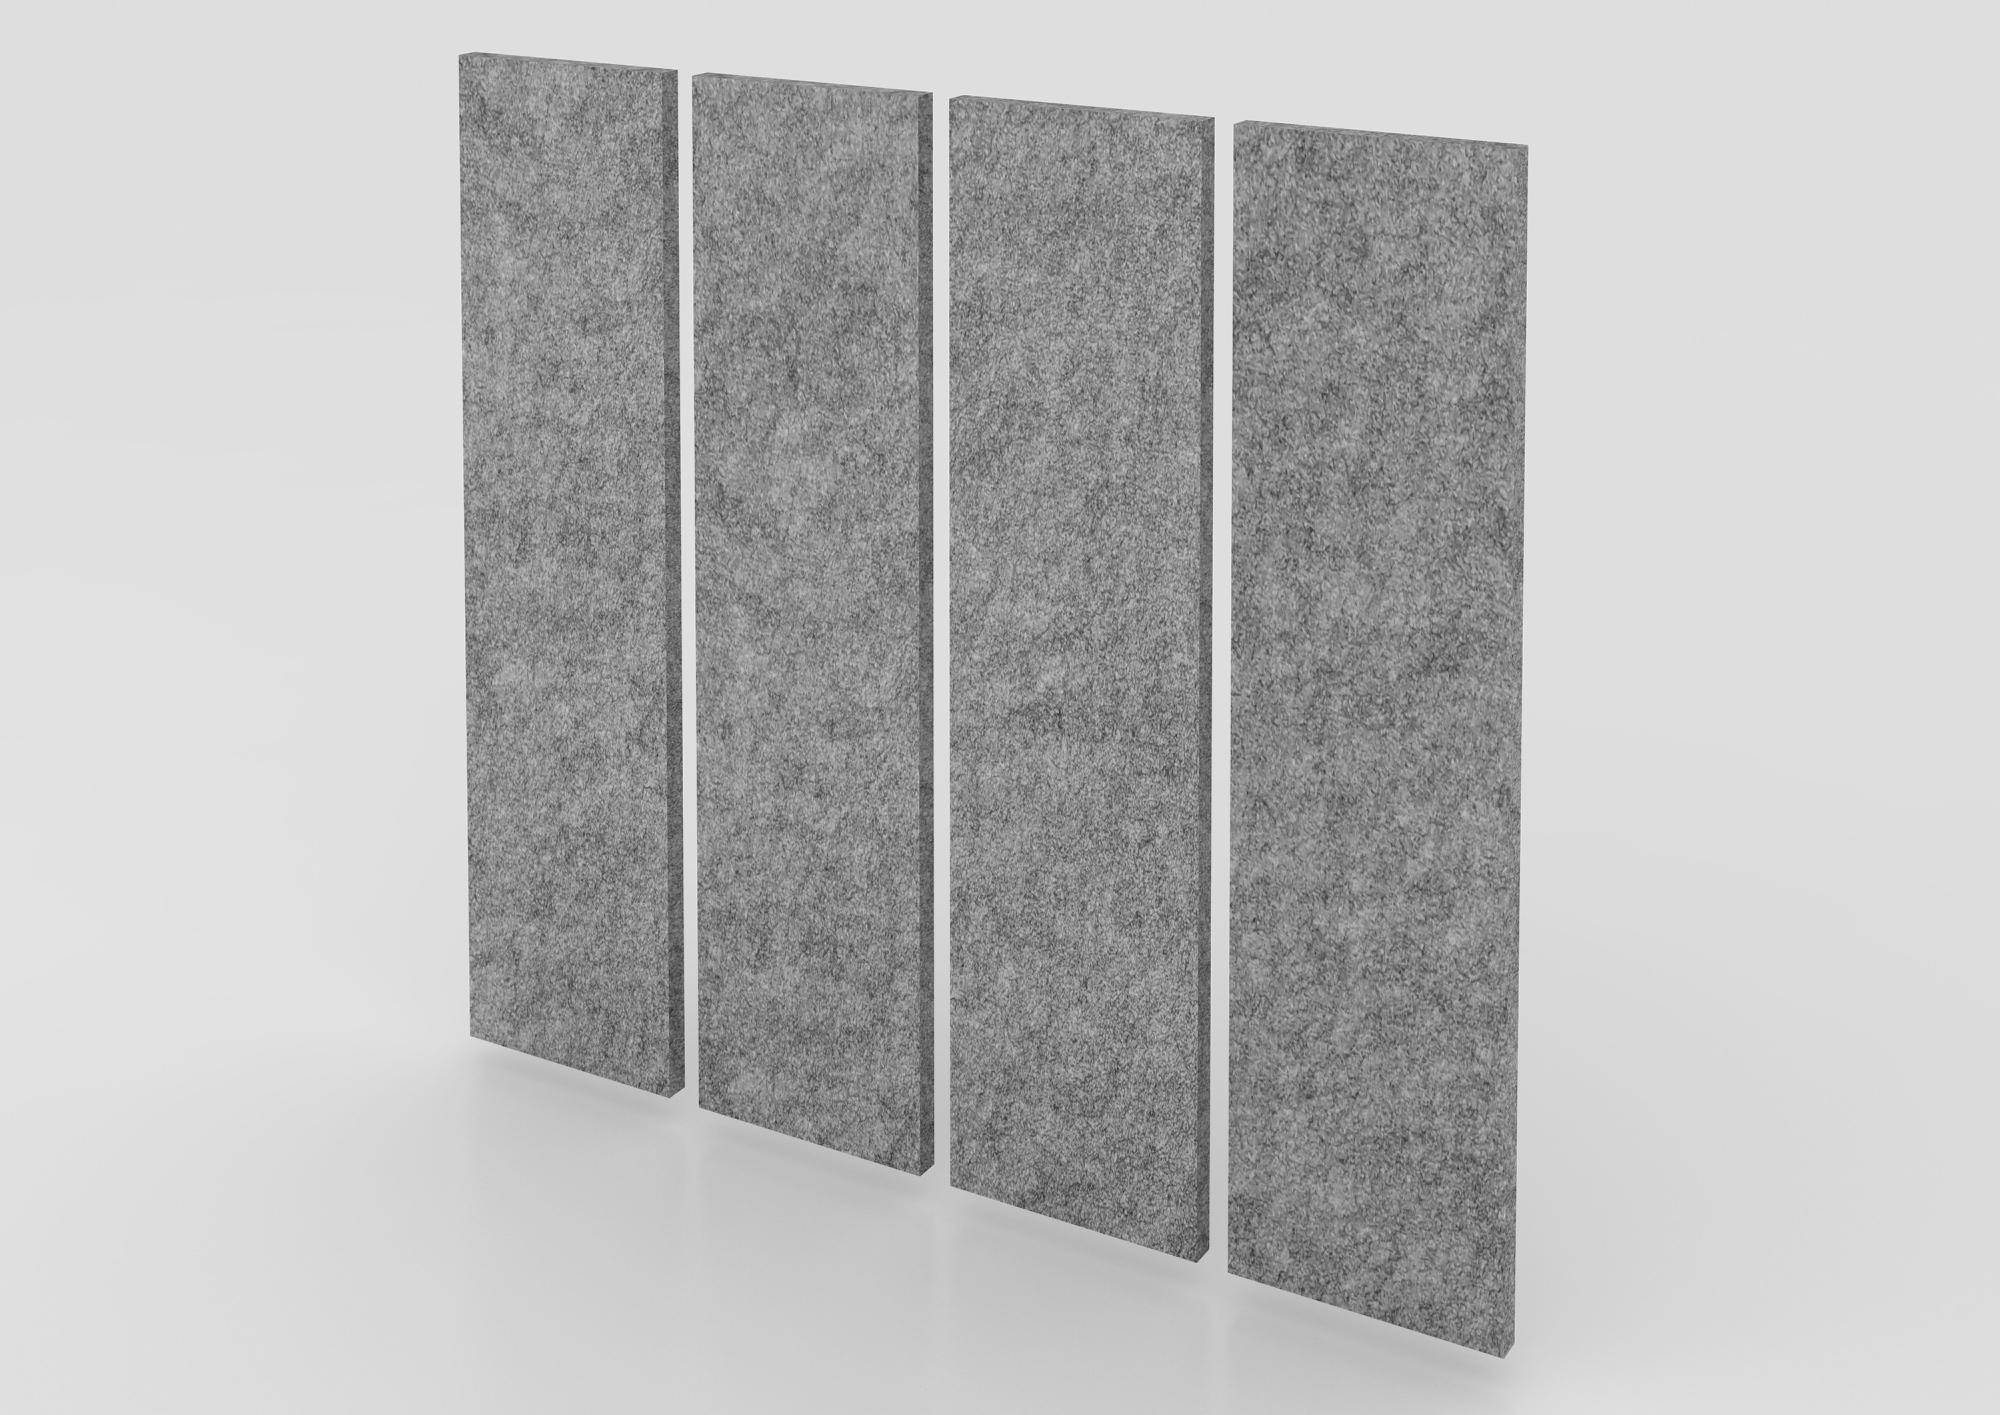 Akustik-Wandpanel 4 St. 100x25 cm, grau-mel.